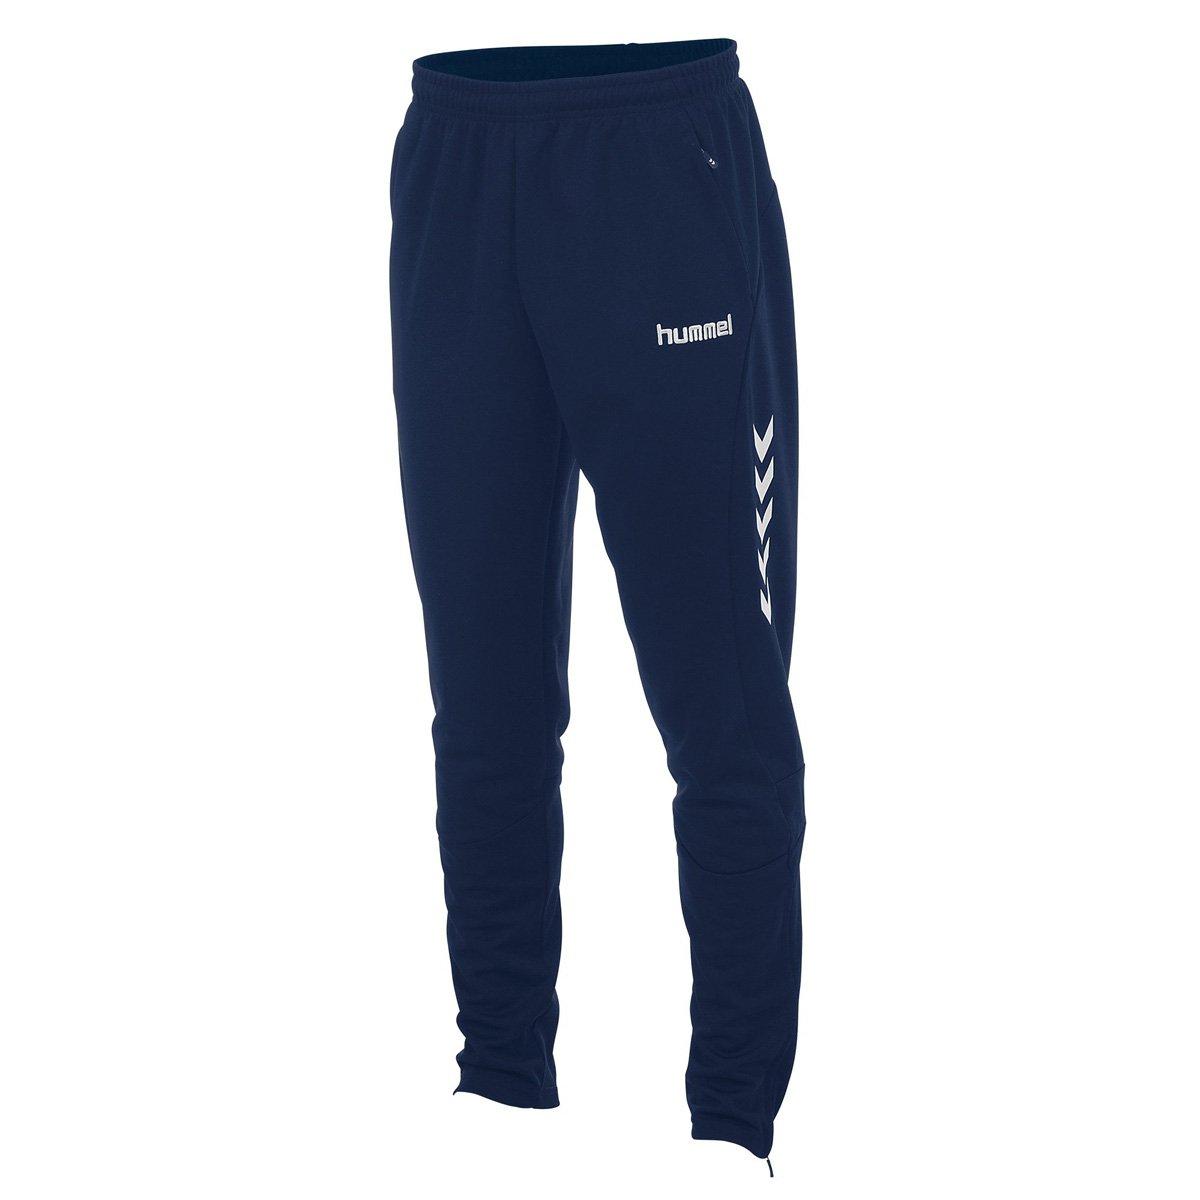 Hummel Team pantalones de chándal Junior Azul azul marino Talla ...